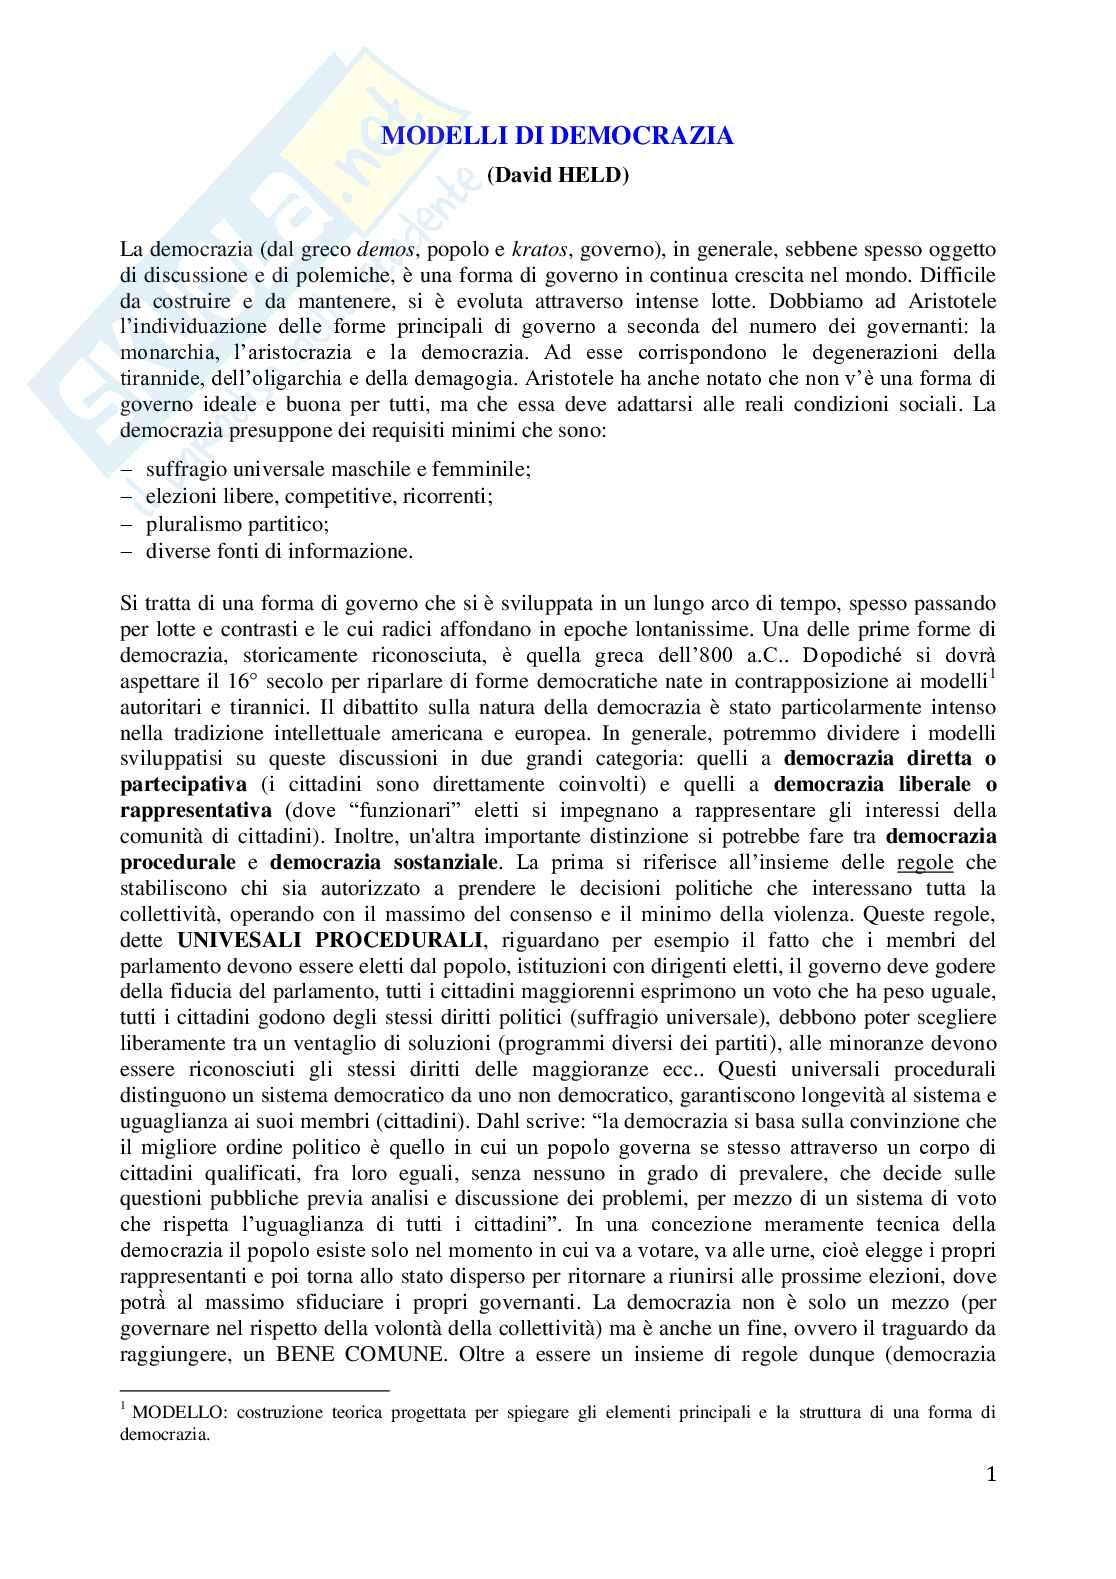 Riassunto esame Sociologia dei fenomeni politici, prof. Serio, libro consigliato prof Serio, Modelli di Democrazia, Held